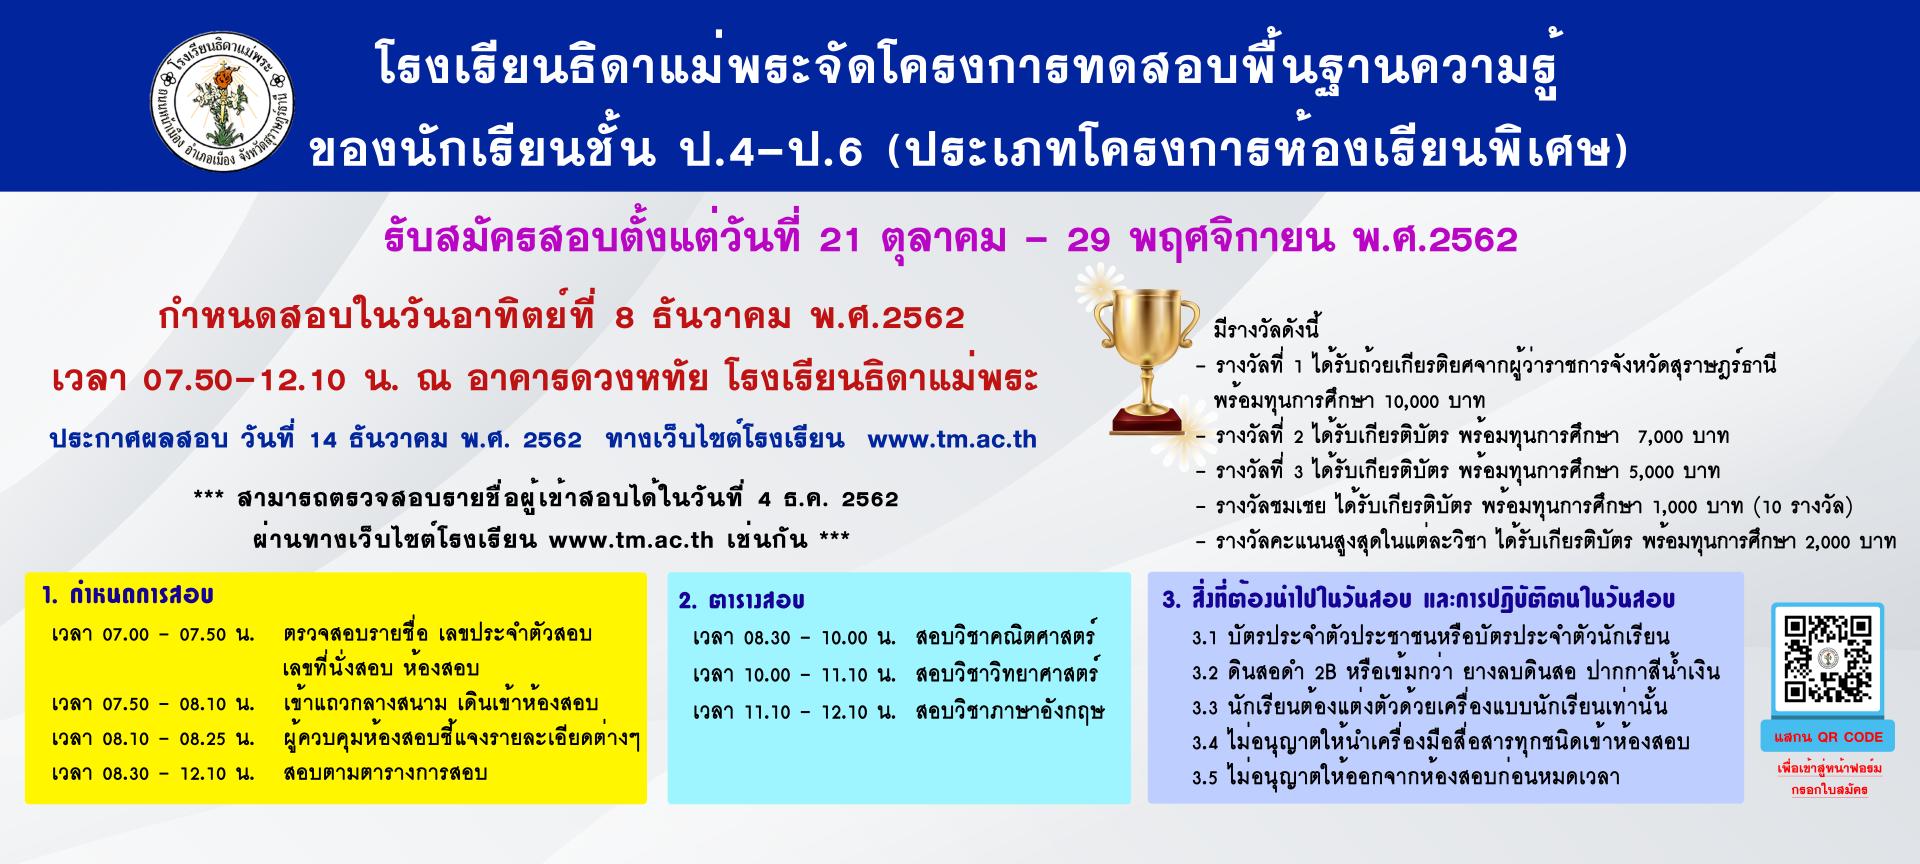 สมัครสอบ Pretest Thidamaepra 2019